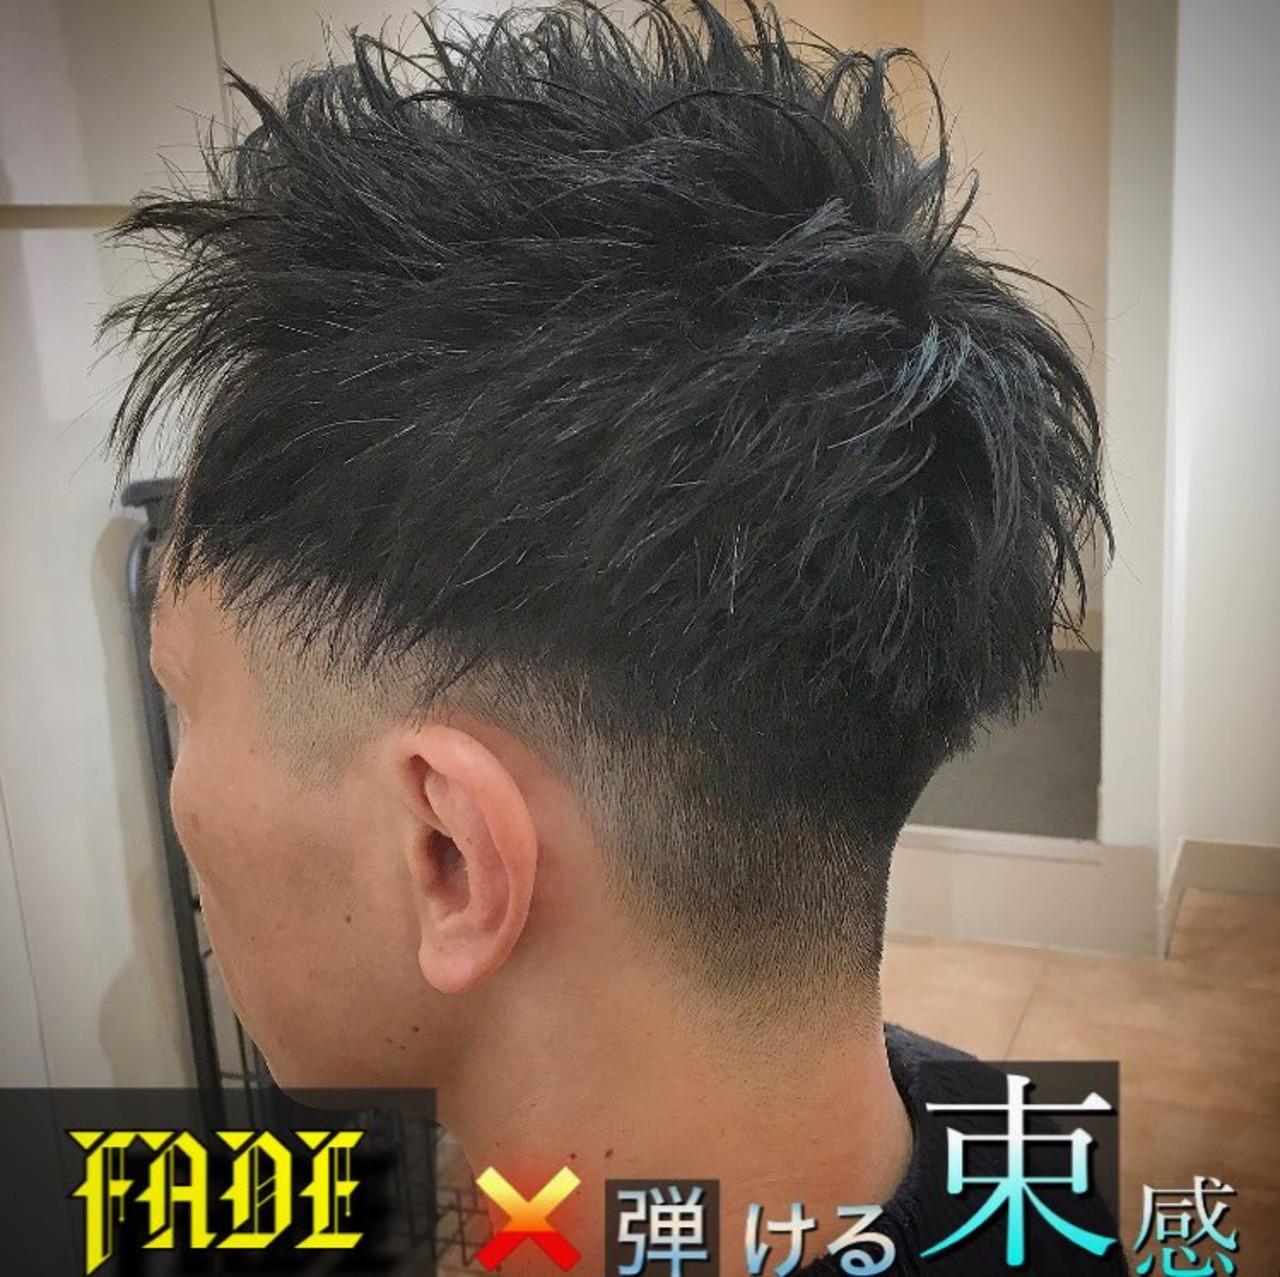 メンズ 束感 刈り上げ ツーブロック ヘアスタイルや髪型の写真・画像 | 平本 詠一 / fabris